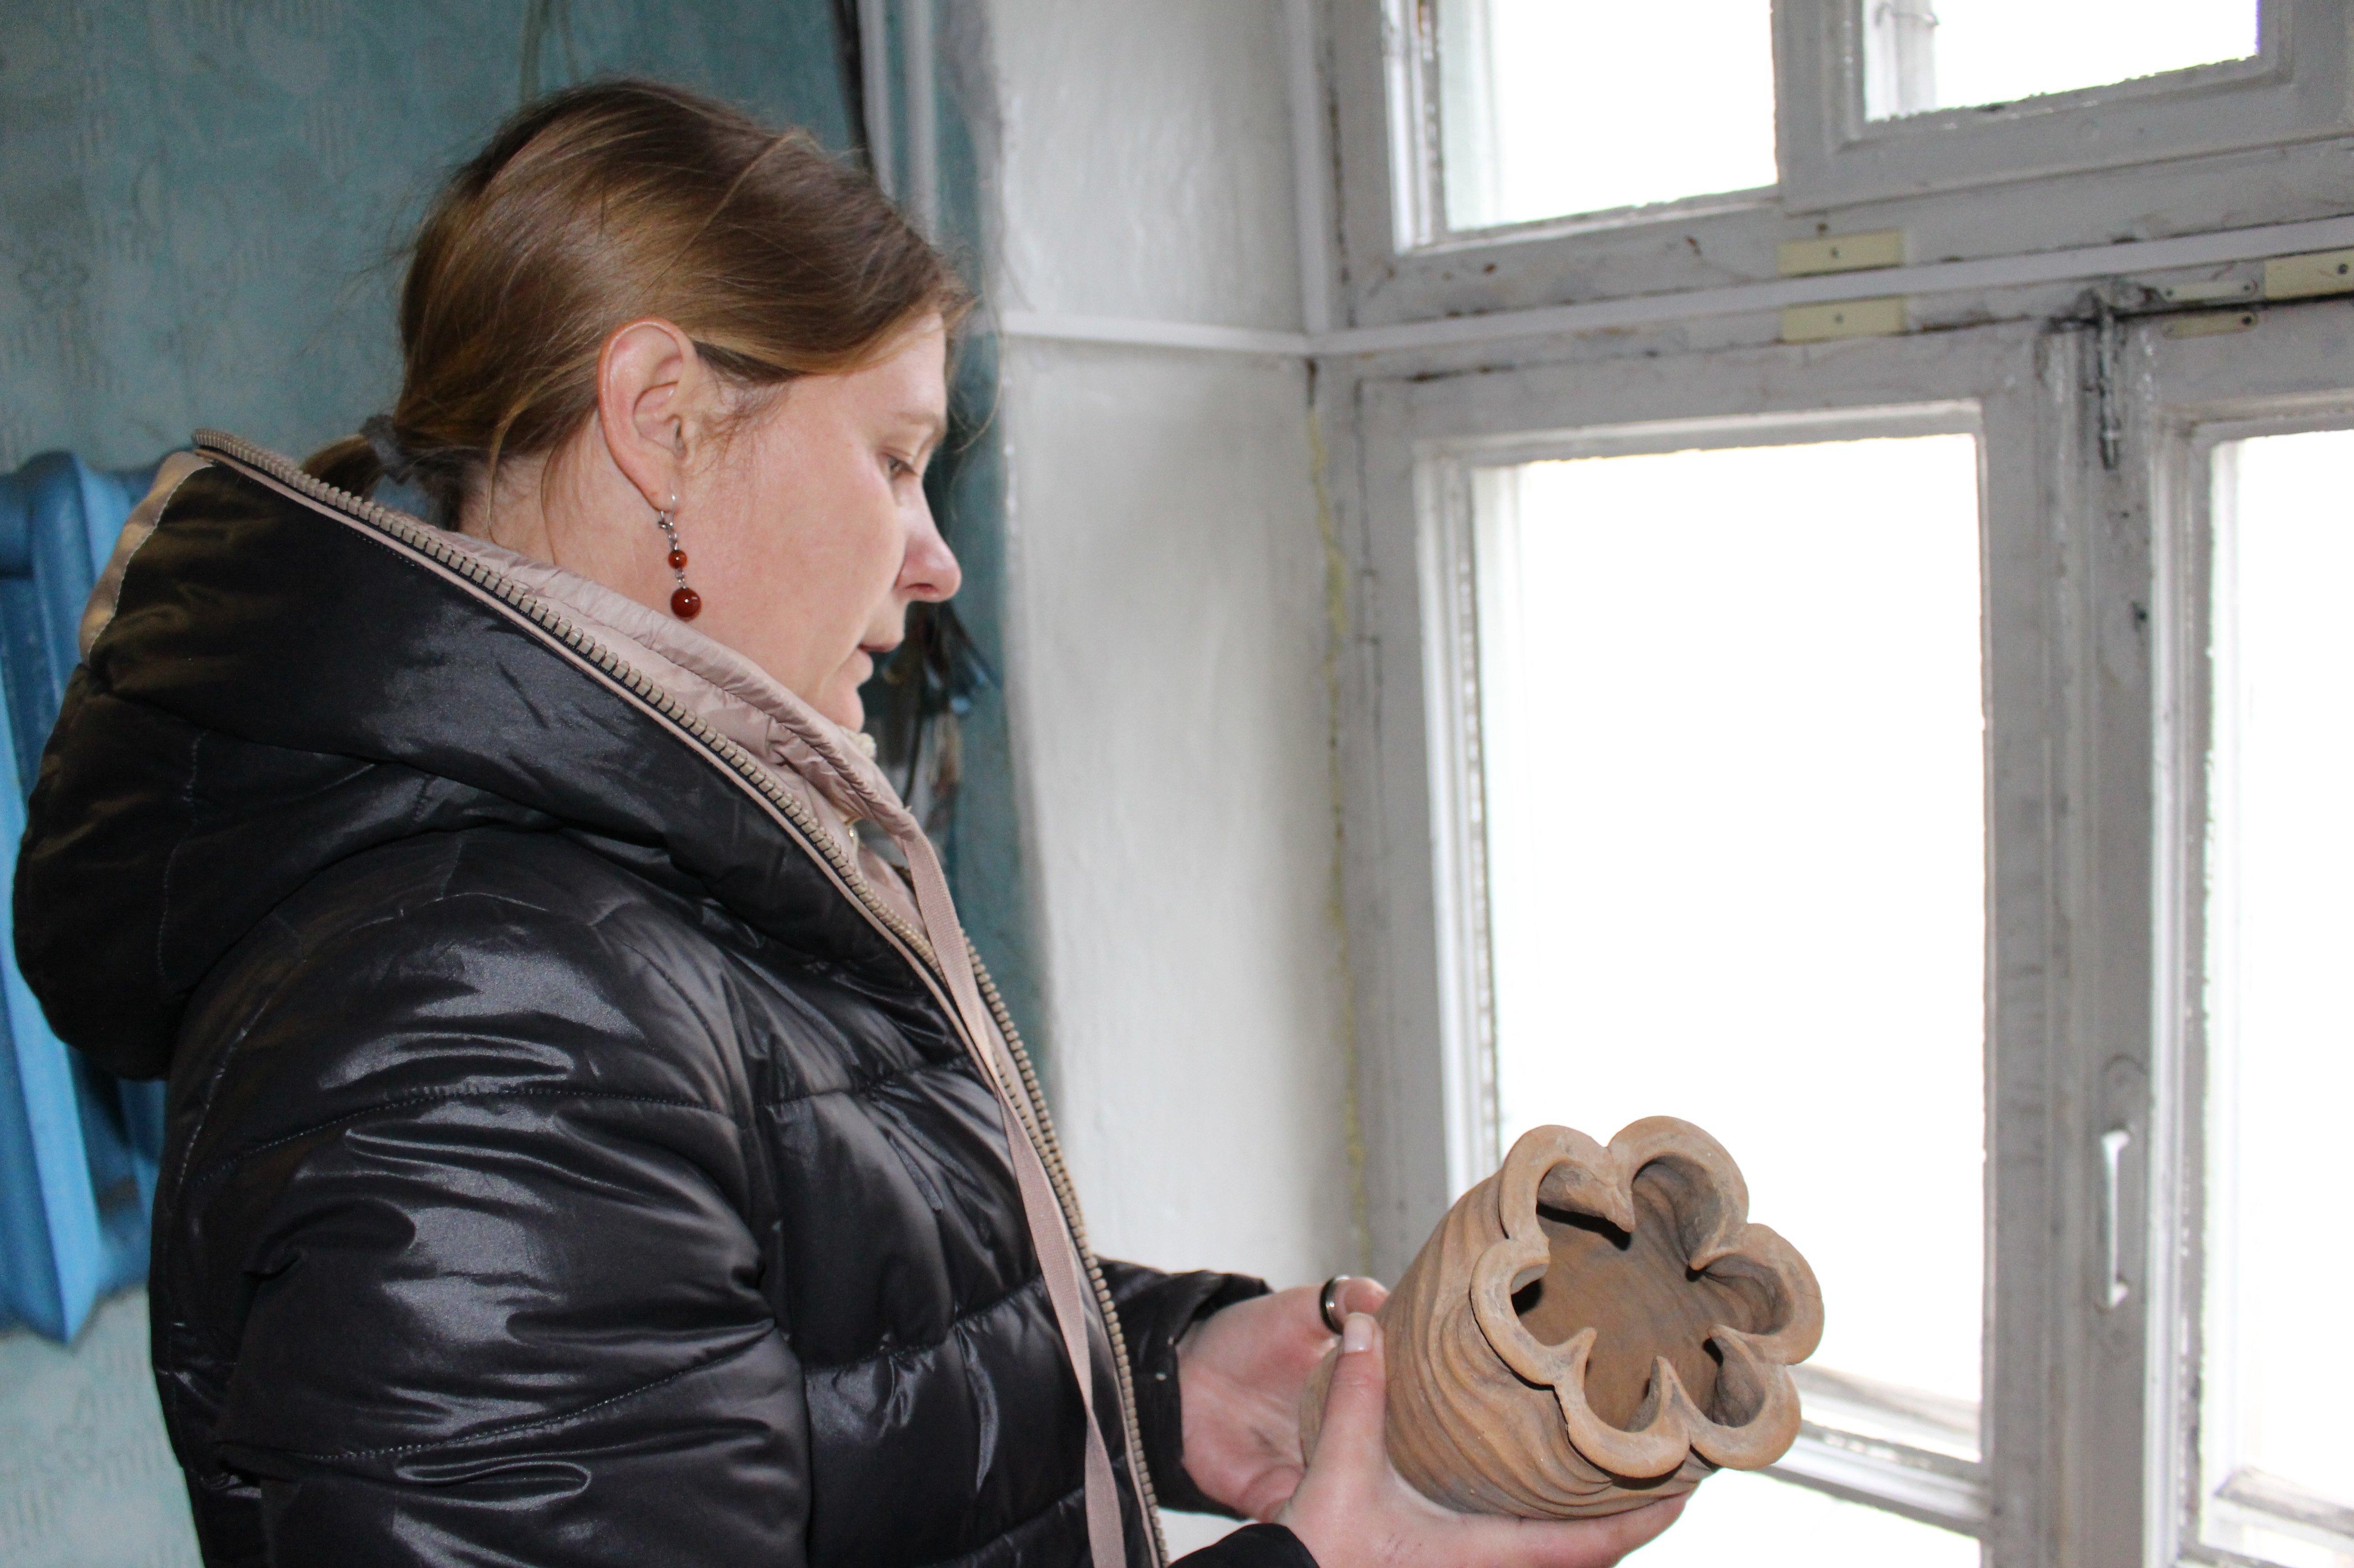 Руководитель археологических раскопок на территории старого Замка в Гродно Наталья Кизюкевич